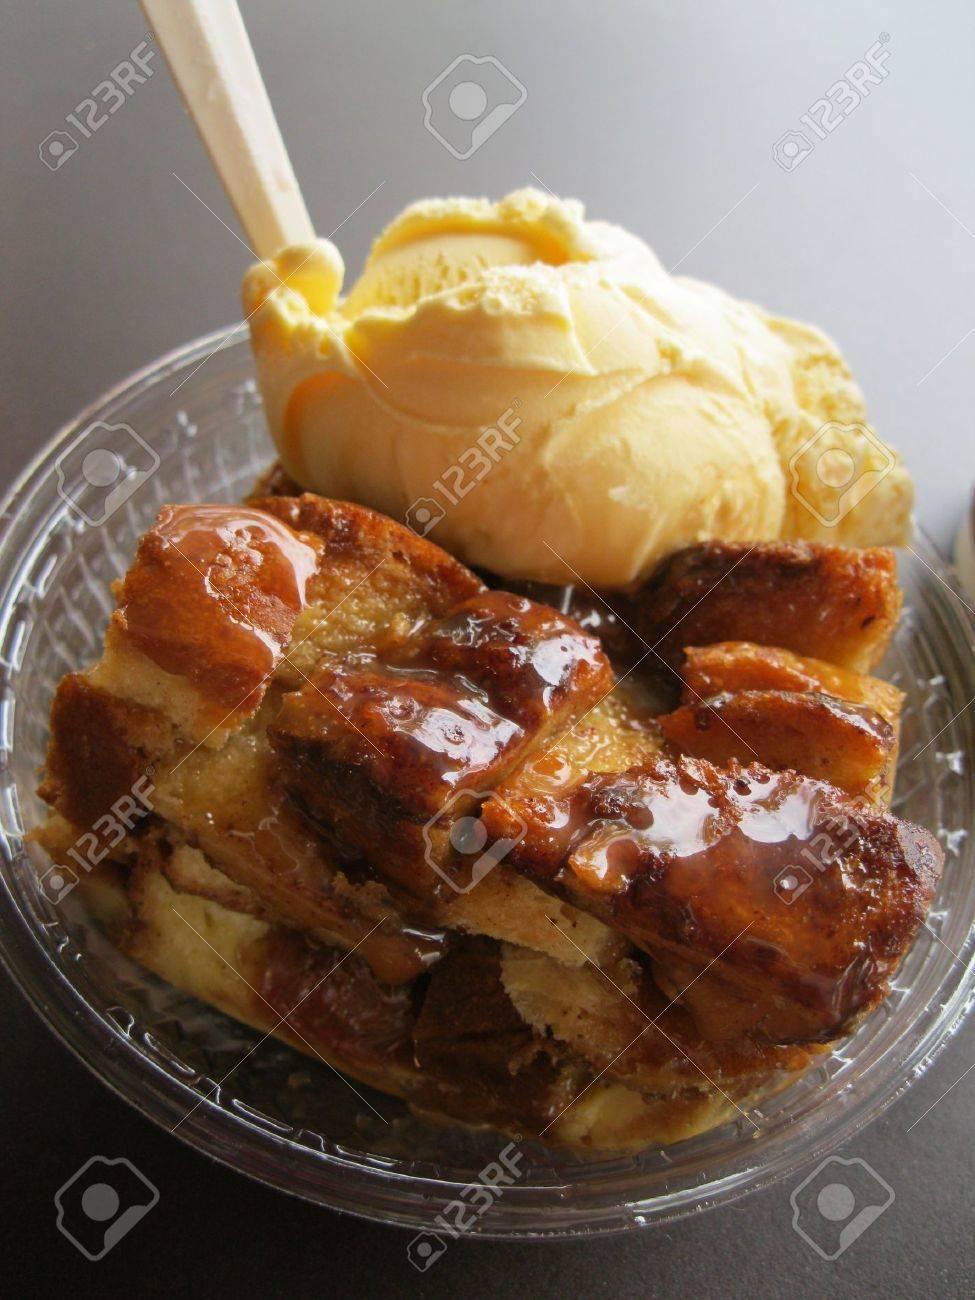 Bread pudding Stock Photo - 9624273